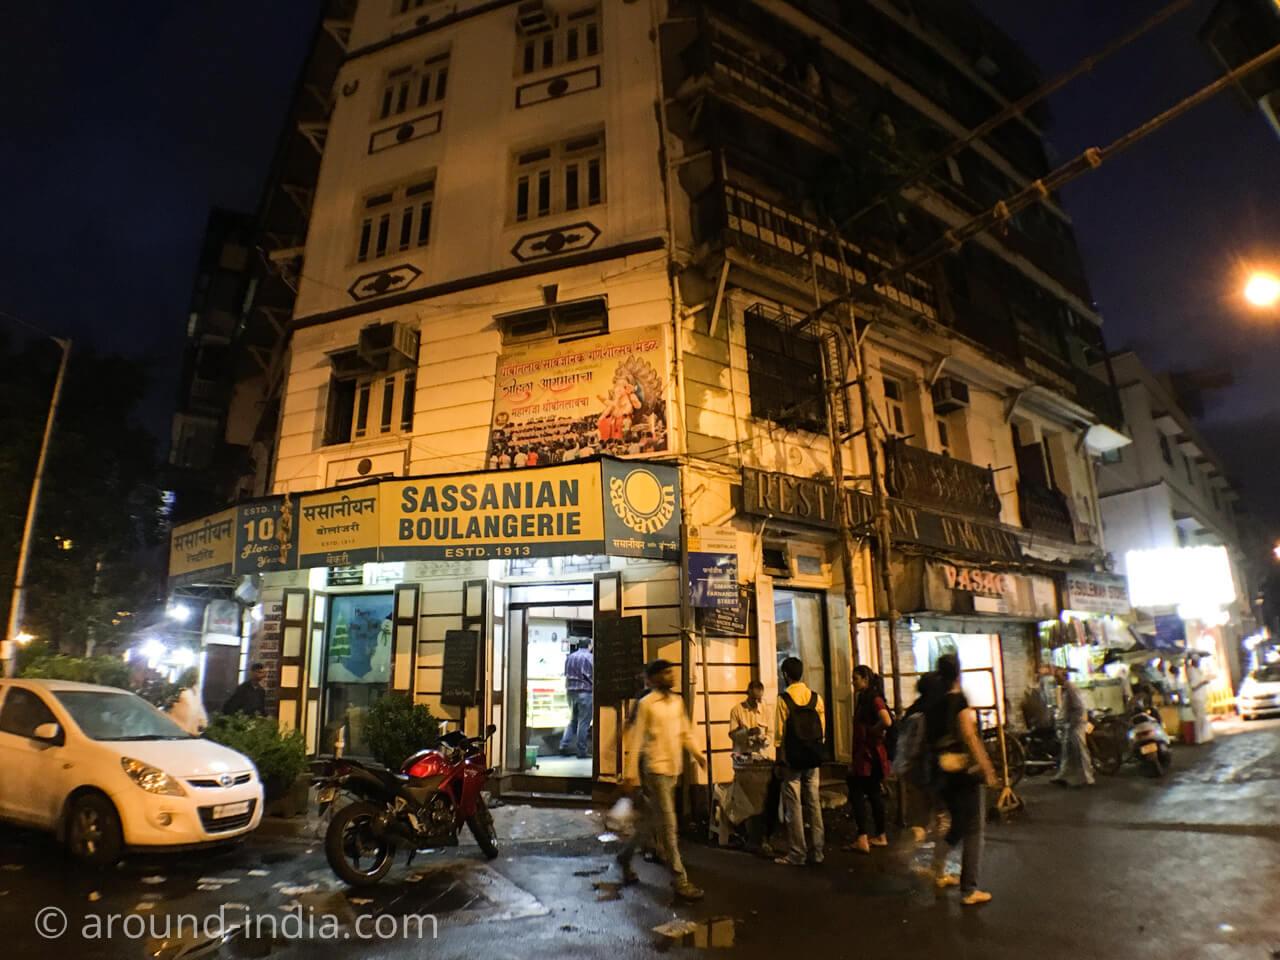 ムンバイのイラニカフェ サッサニアンの外観